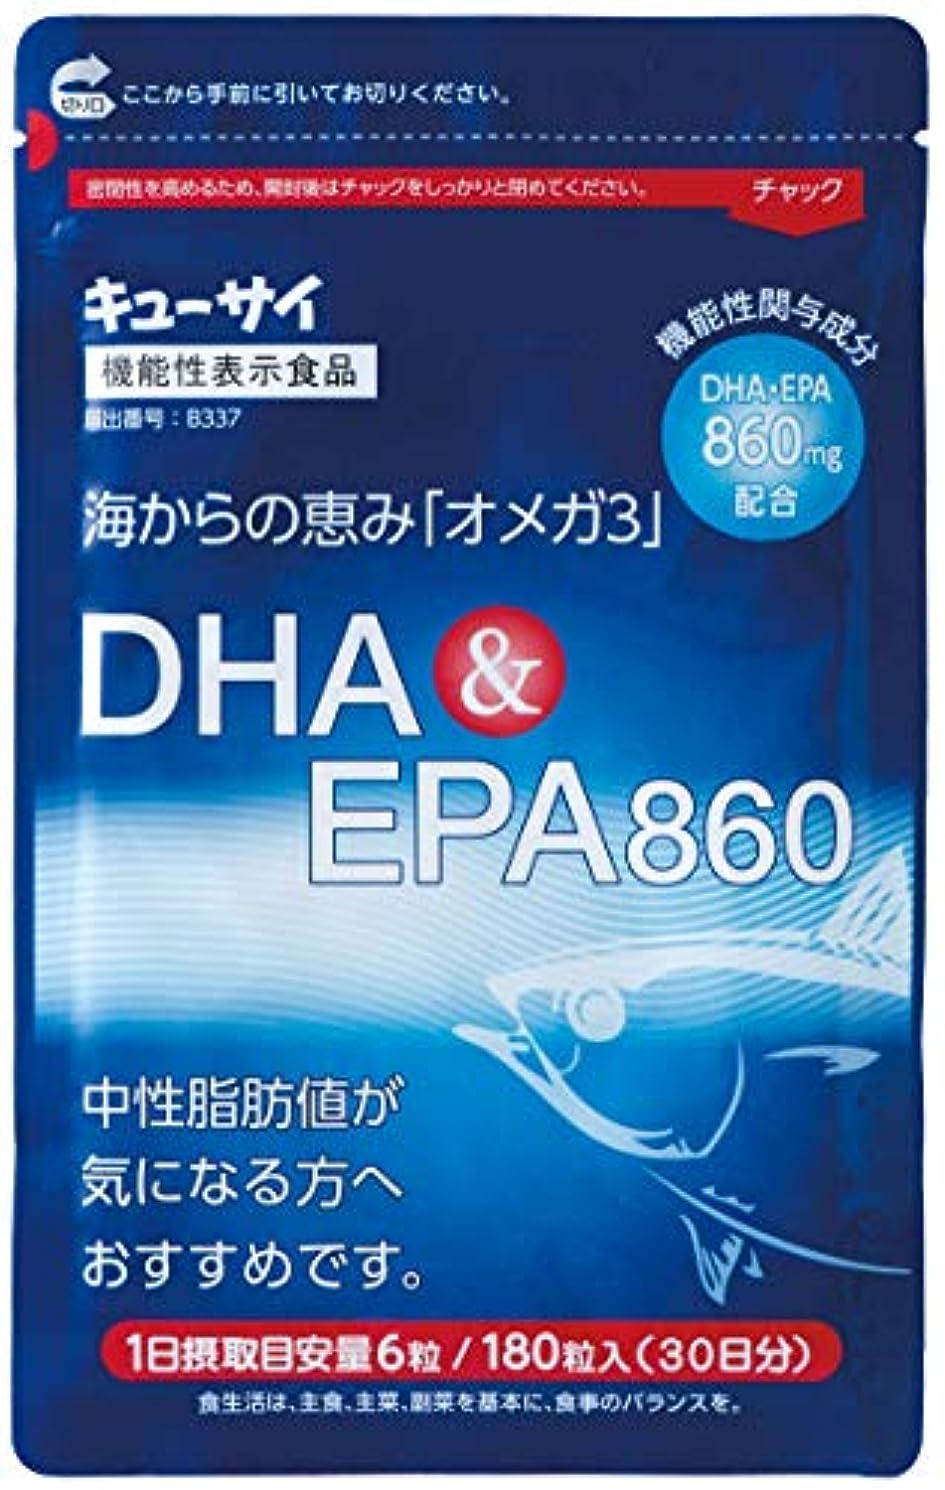 測定息苦しいに向けて出発キューサイ/DHA&EPA860/オメガ3/81.0g(450mg×180粒)(約30日分)/ソフトカプセルタイプ/機能性表示食品